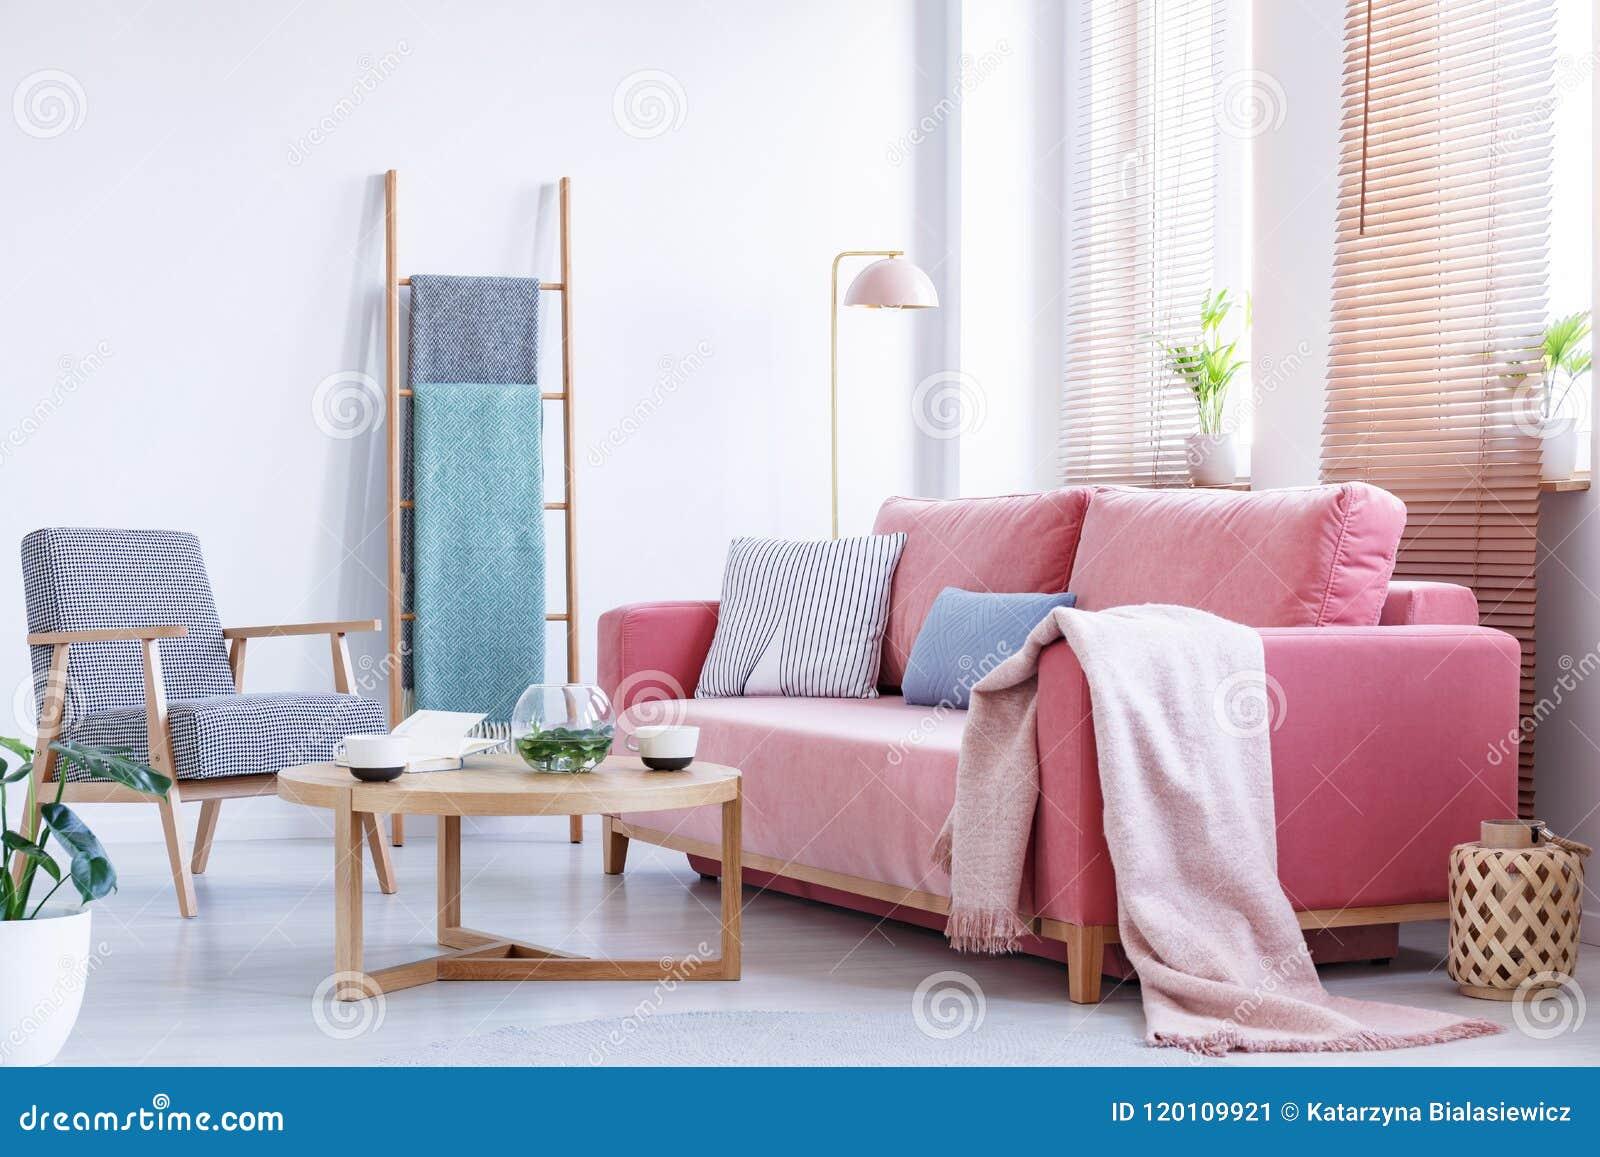 Verkligt foto en rosa soffa med kuddar och filtanseende i a